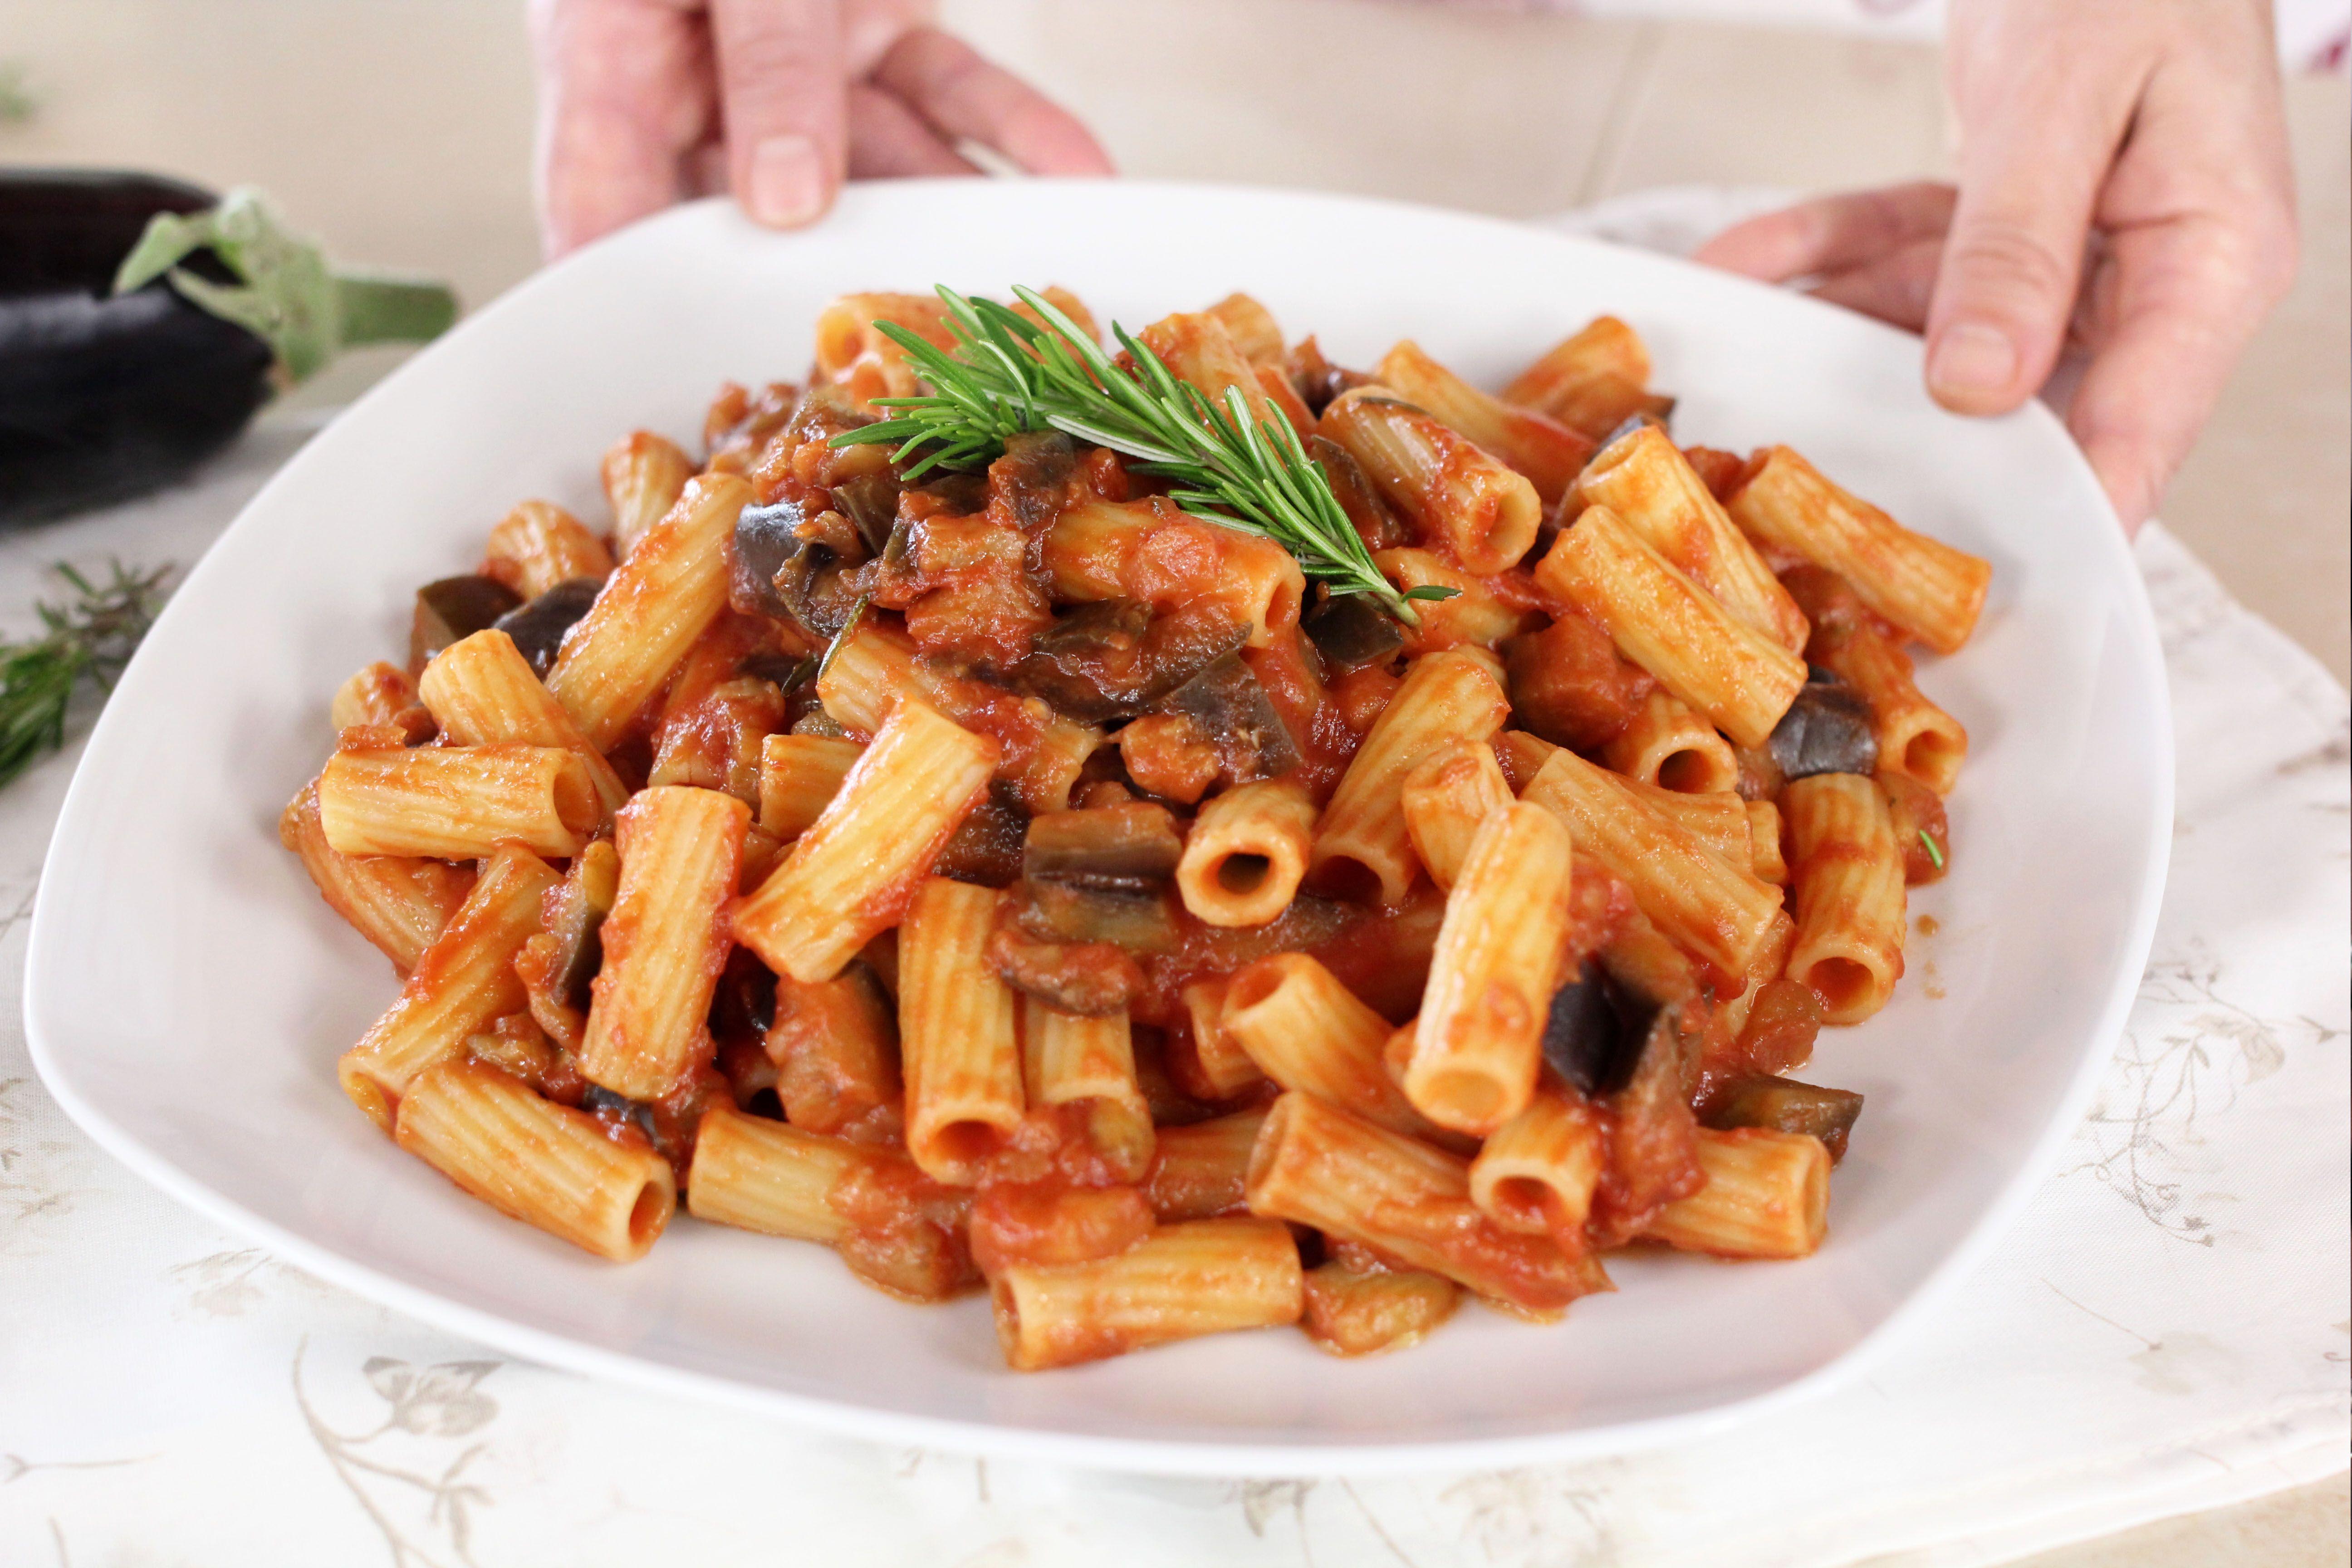 3842ddb4a8efc647512f9b0024f55140 - Ricette Pasta Con Melanzane